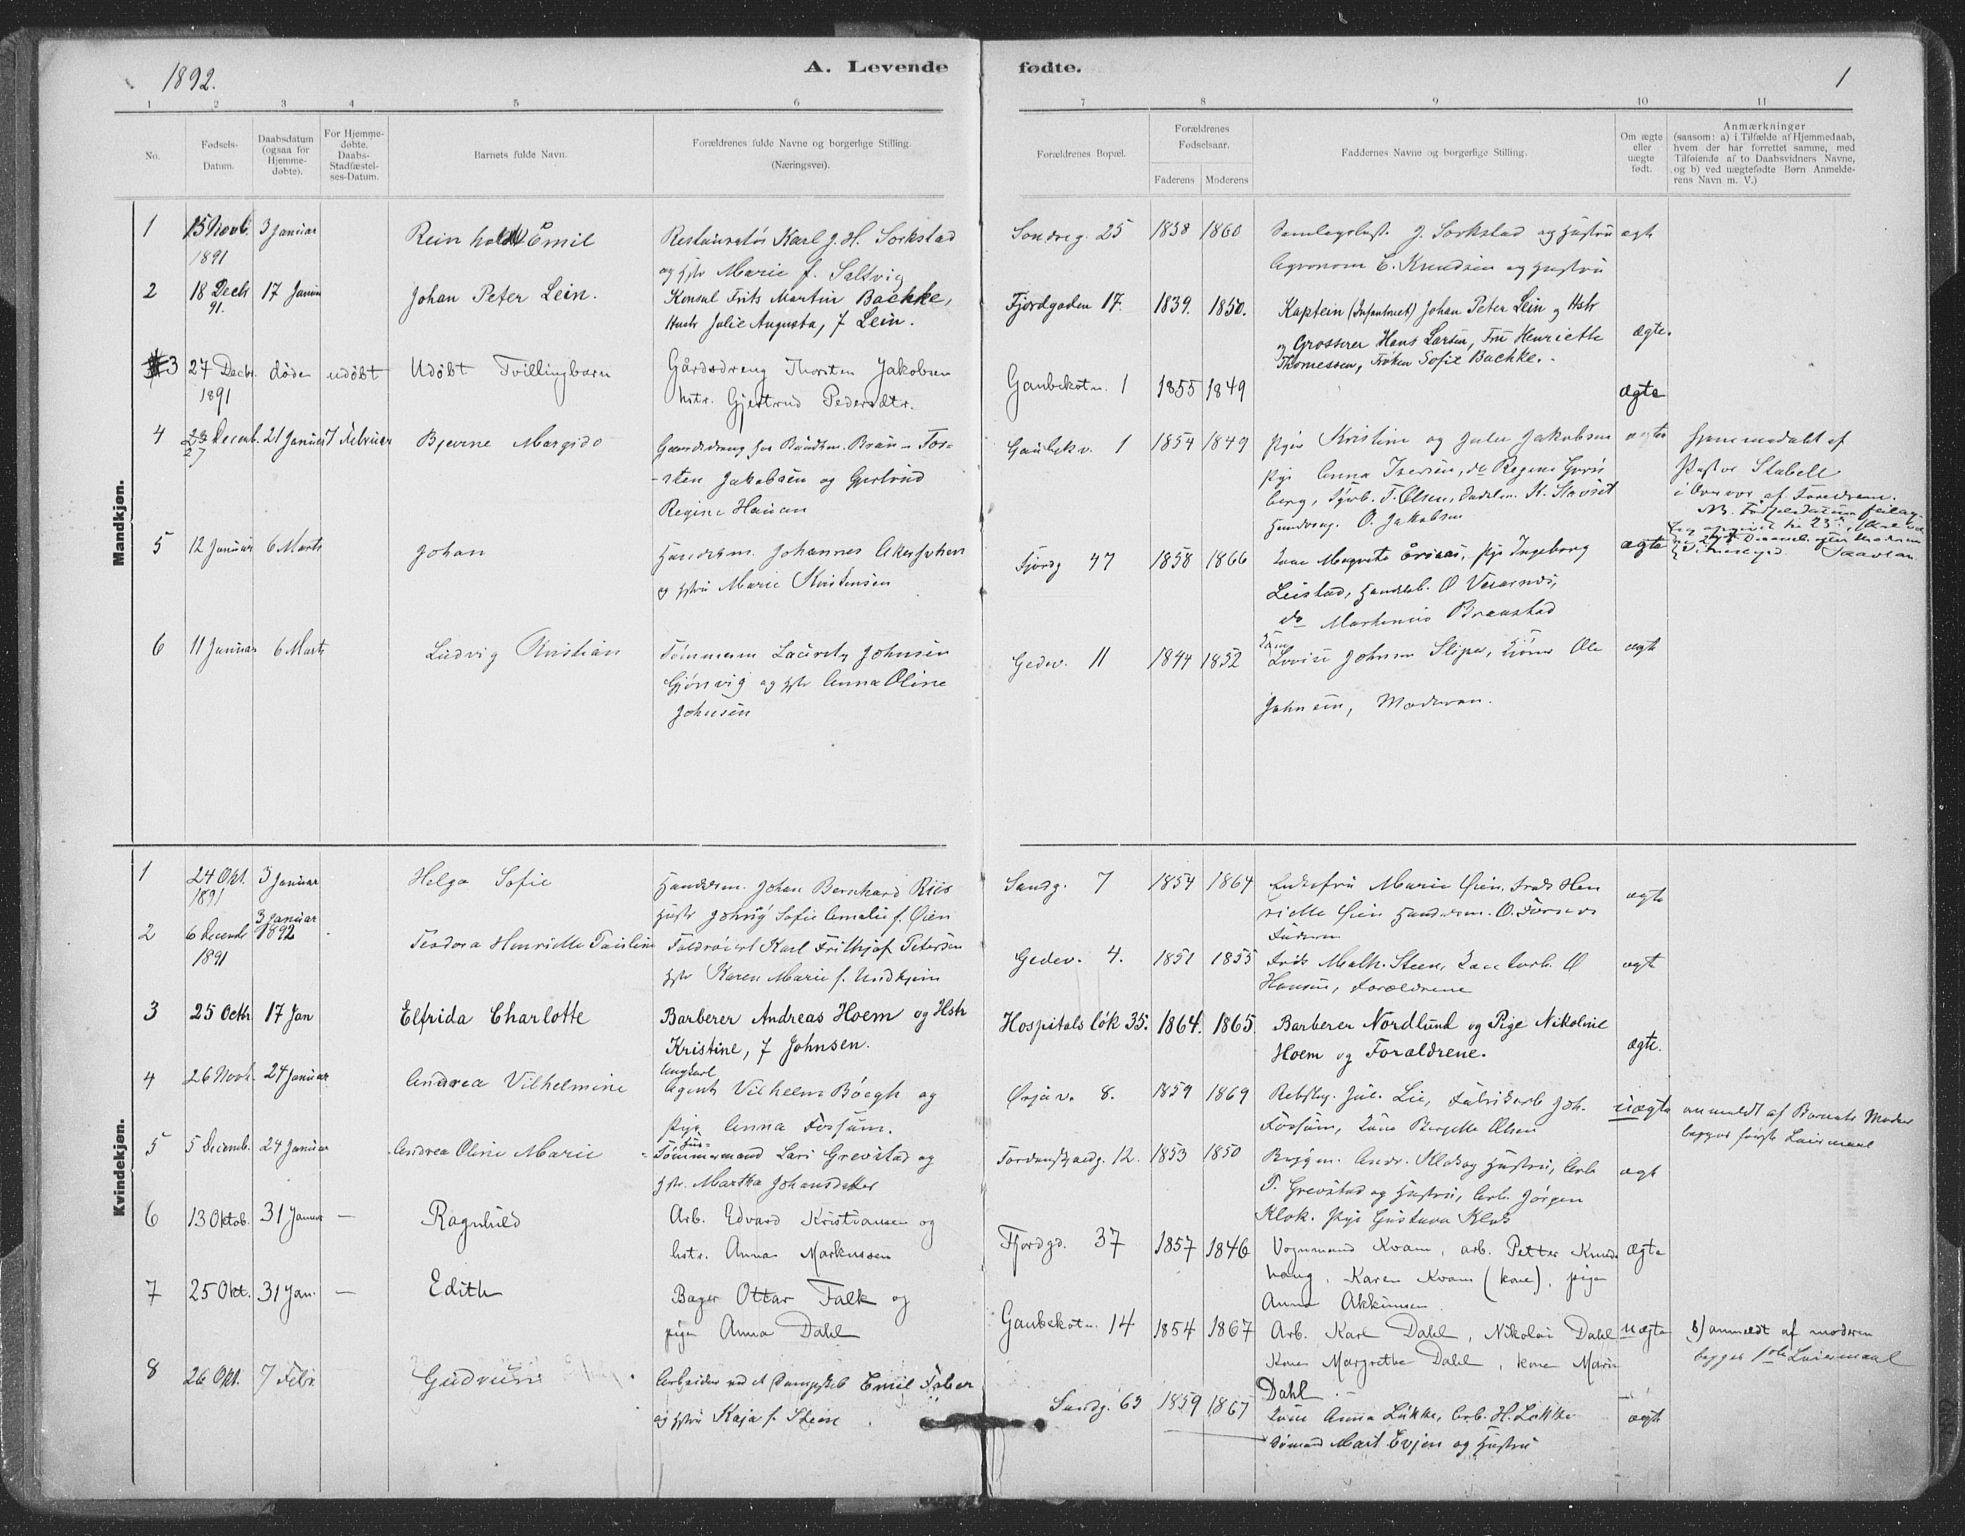 SAT, Ministerialprotokoller, klokkerbøker og fødselsregistre - Sør-Trøndelag, 602/L0122: Ministerialbok nr. 602A20, 1892-1908, s. 1